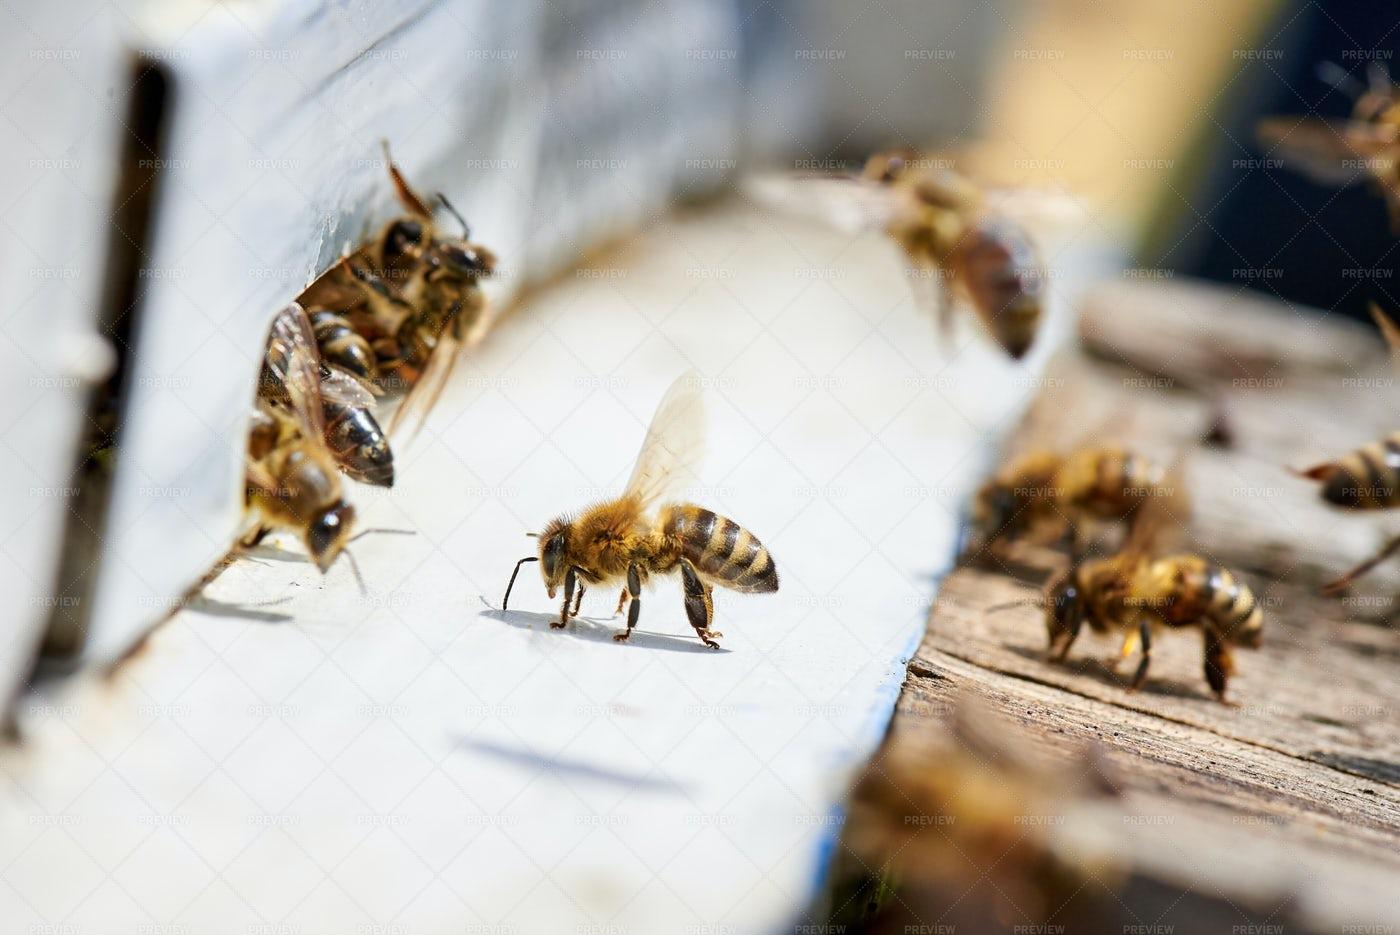 Honey Bees Around Hive: Stock Photos